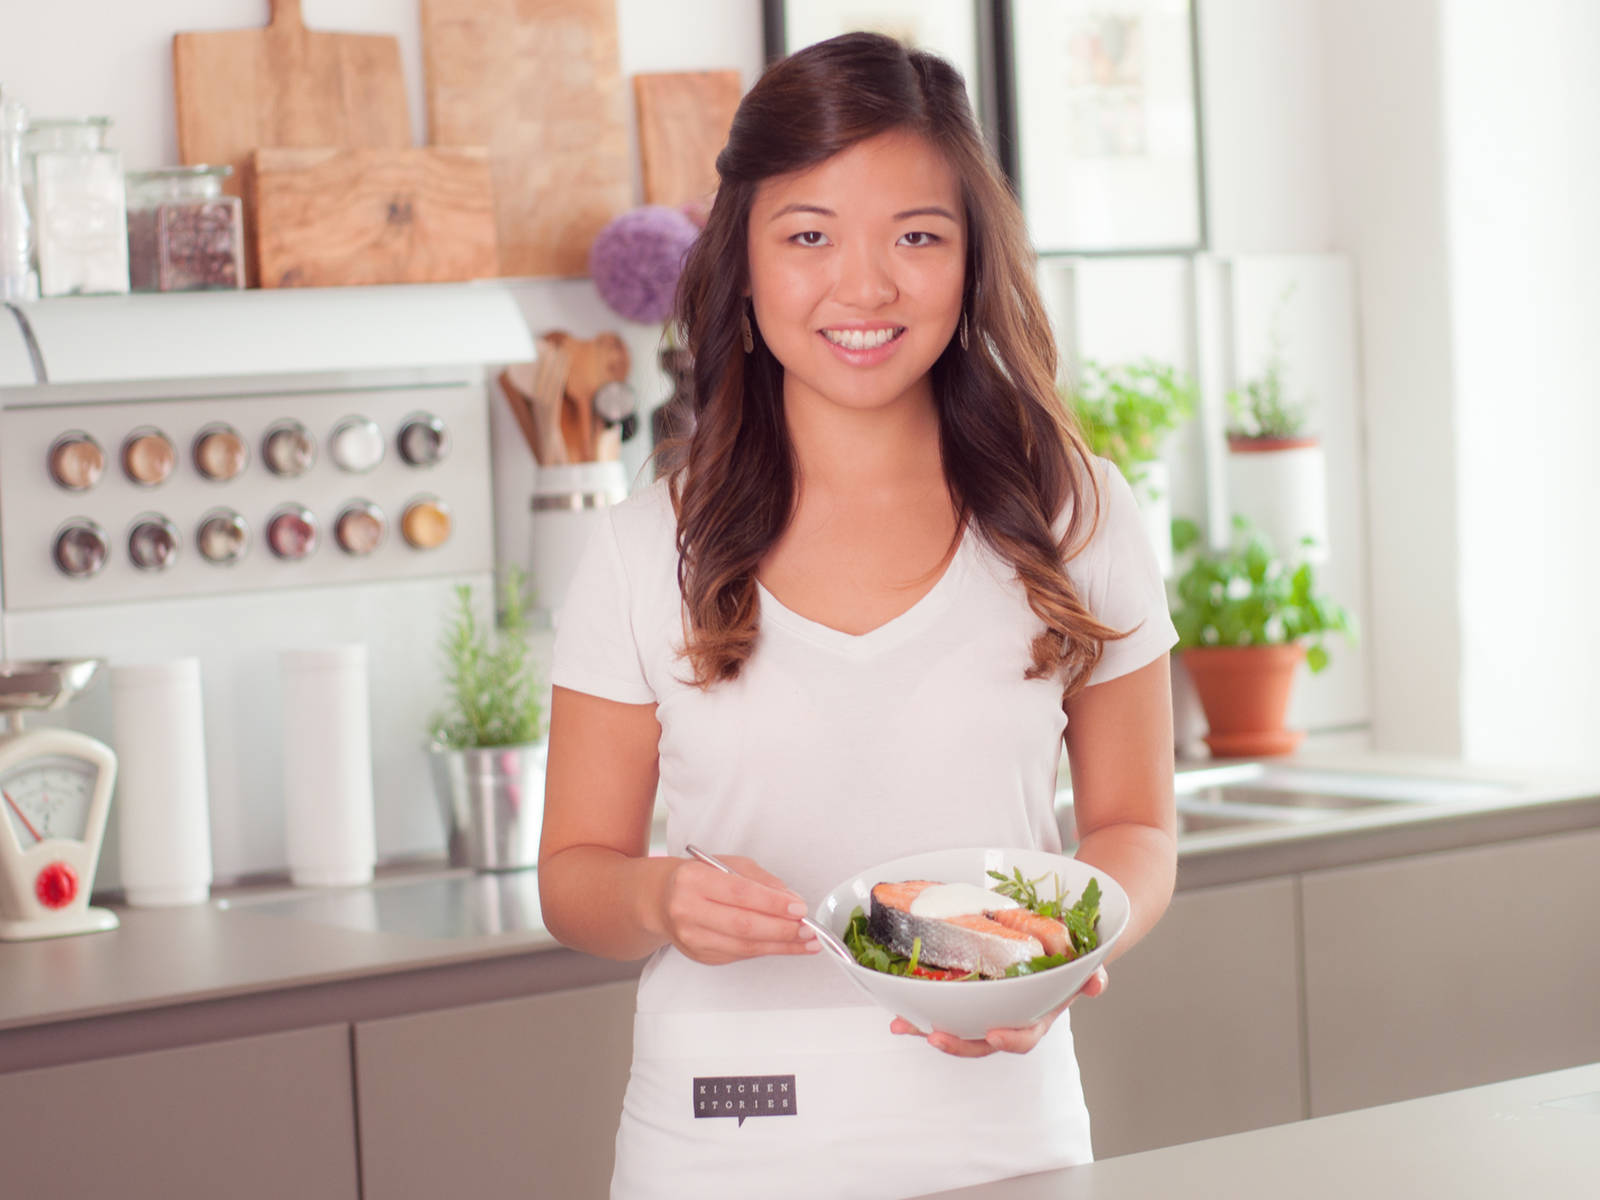 将樱桃番茄与嫩叶沙拉混合后换盛入餐碗中,摆上三文鱼排,浇上酸奶即可享用!